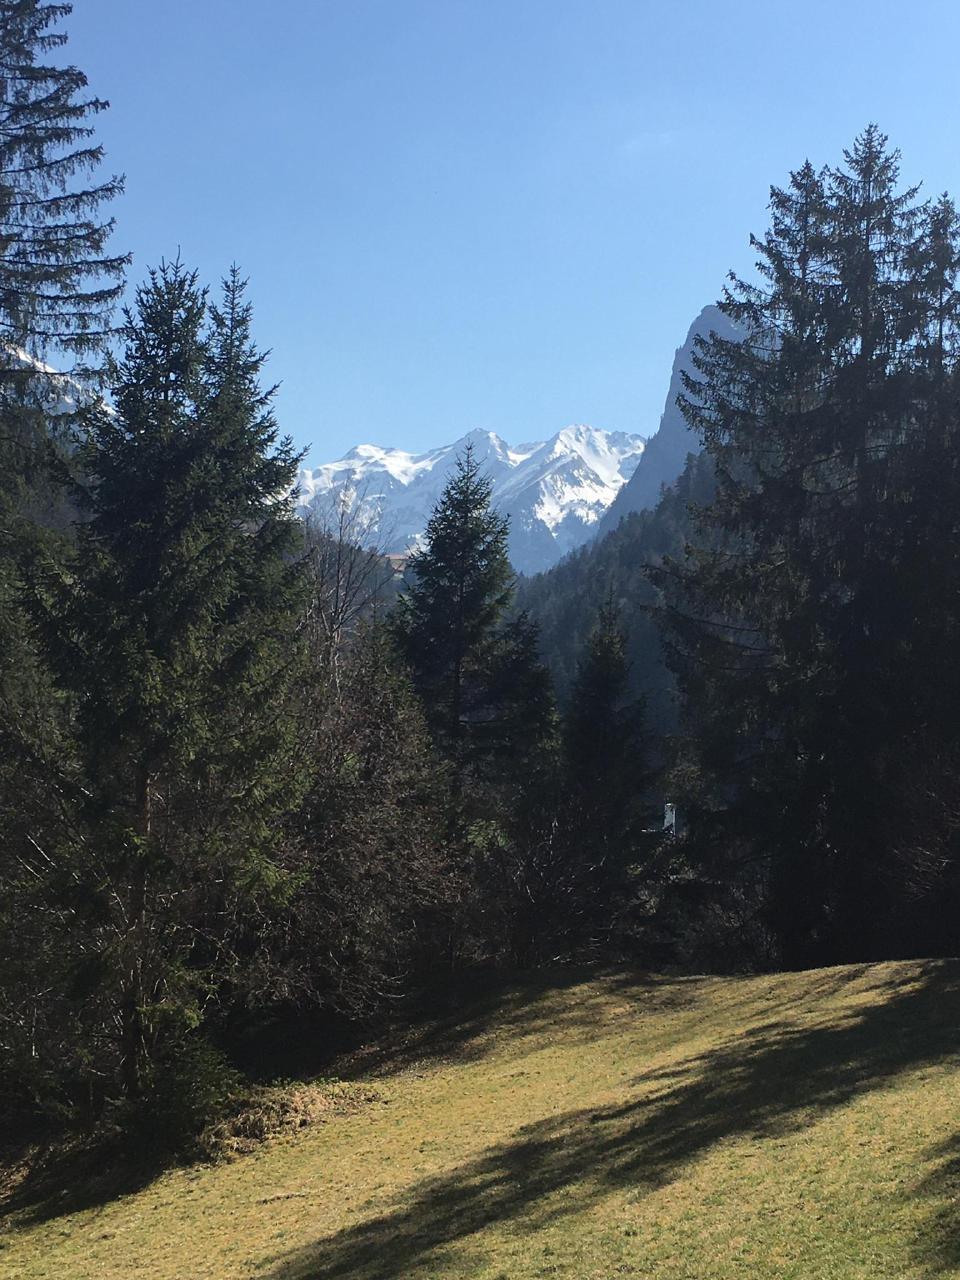 Appartement de vacances Chalet Park - Ferienwohnung privater Sauna und Hamam (934031), Diemtigen, Diemtigtal, Oberland bernois, Suisse, image 12